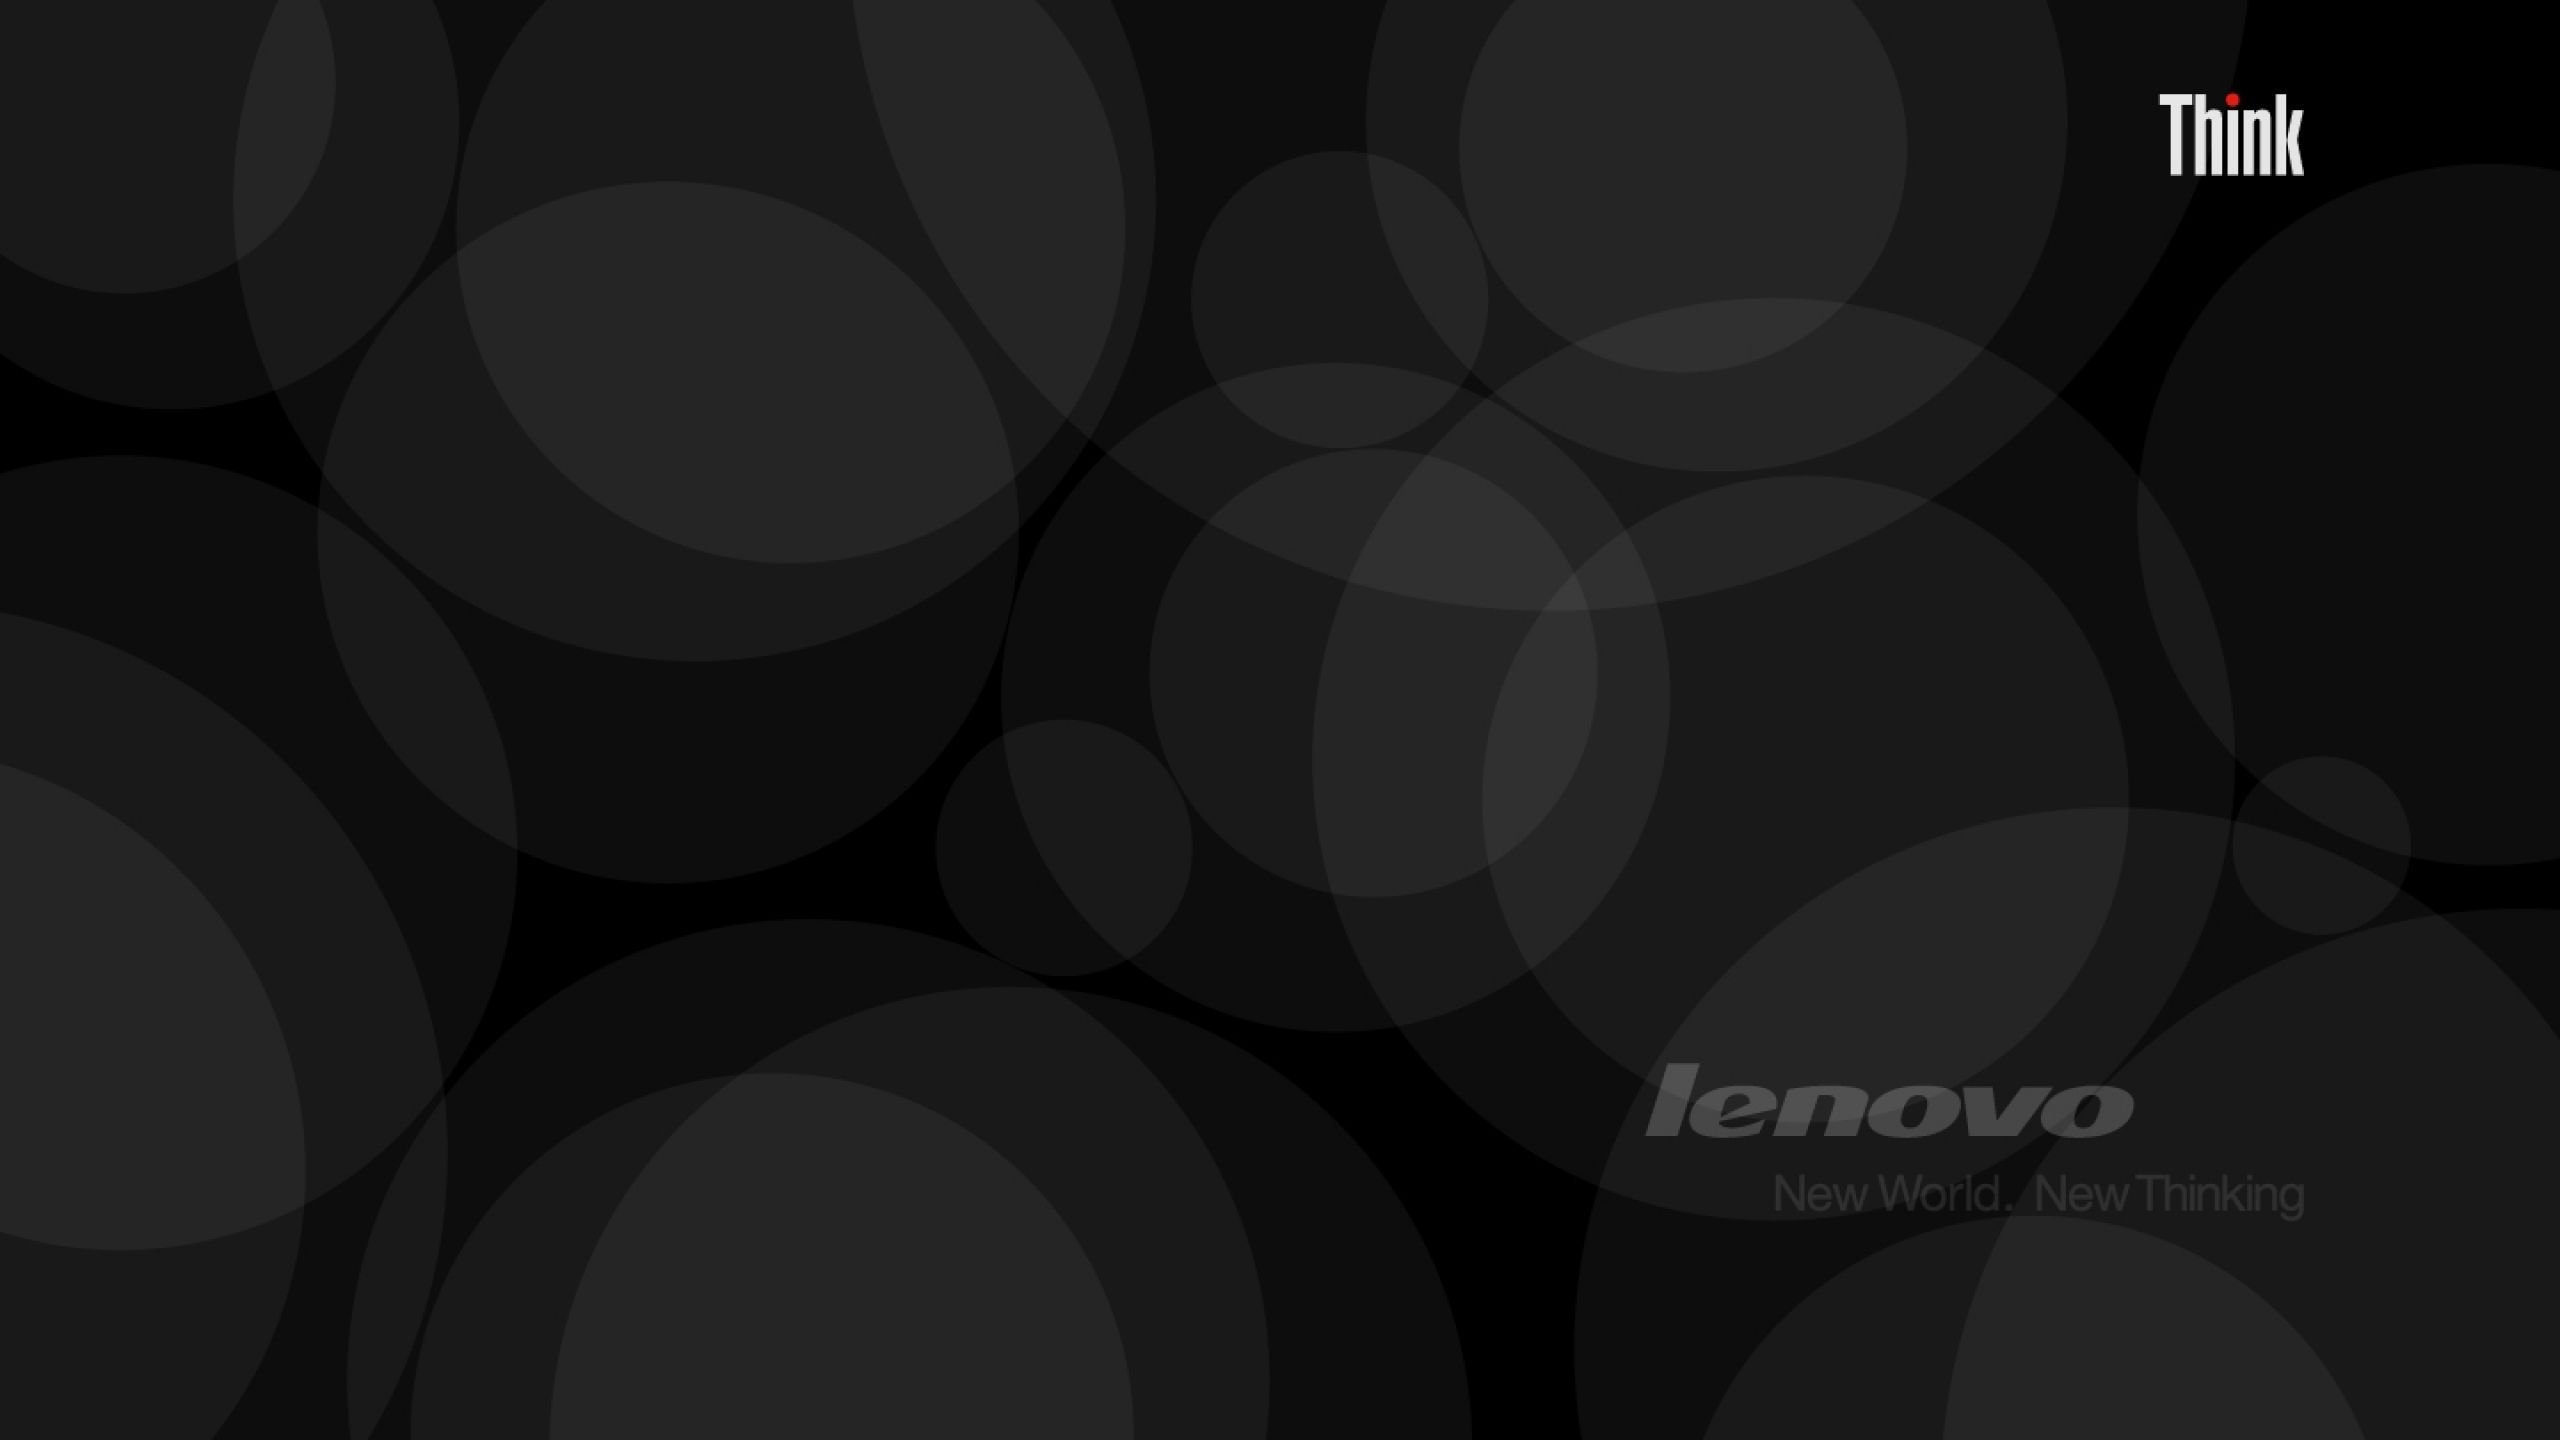 Lenovo Wallpaper 24   2560 X 1440 stmednet 2560x1440